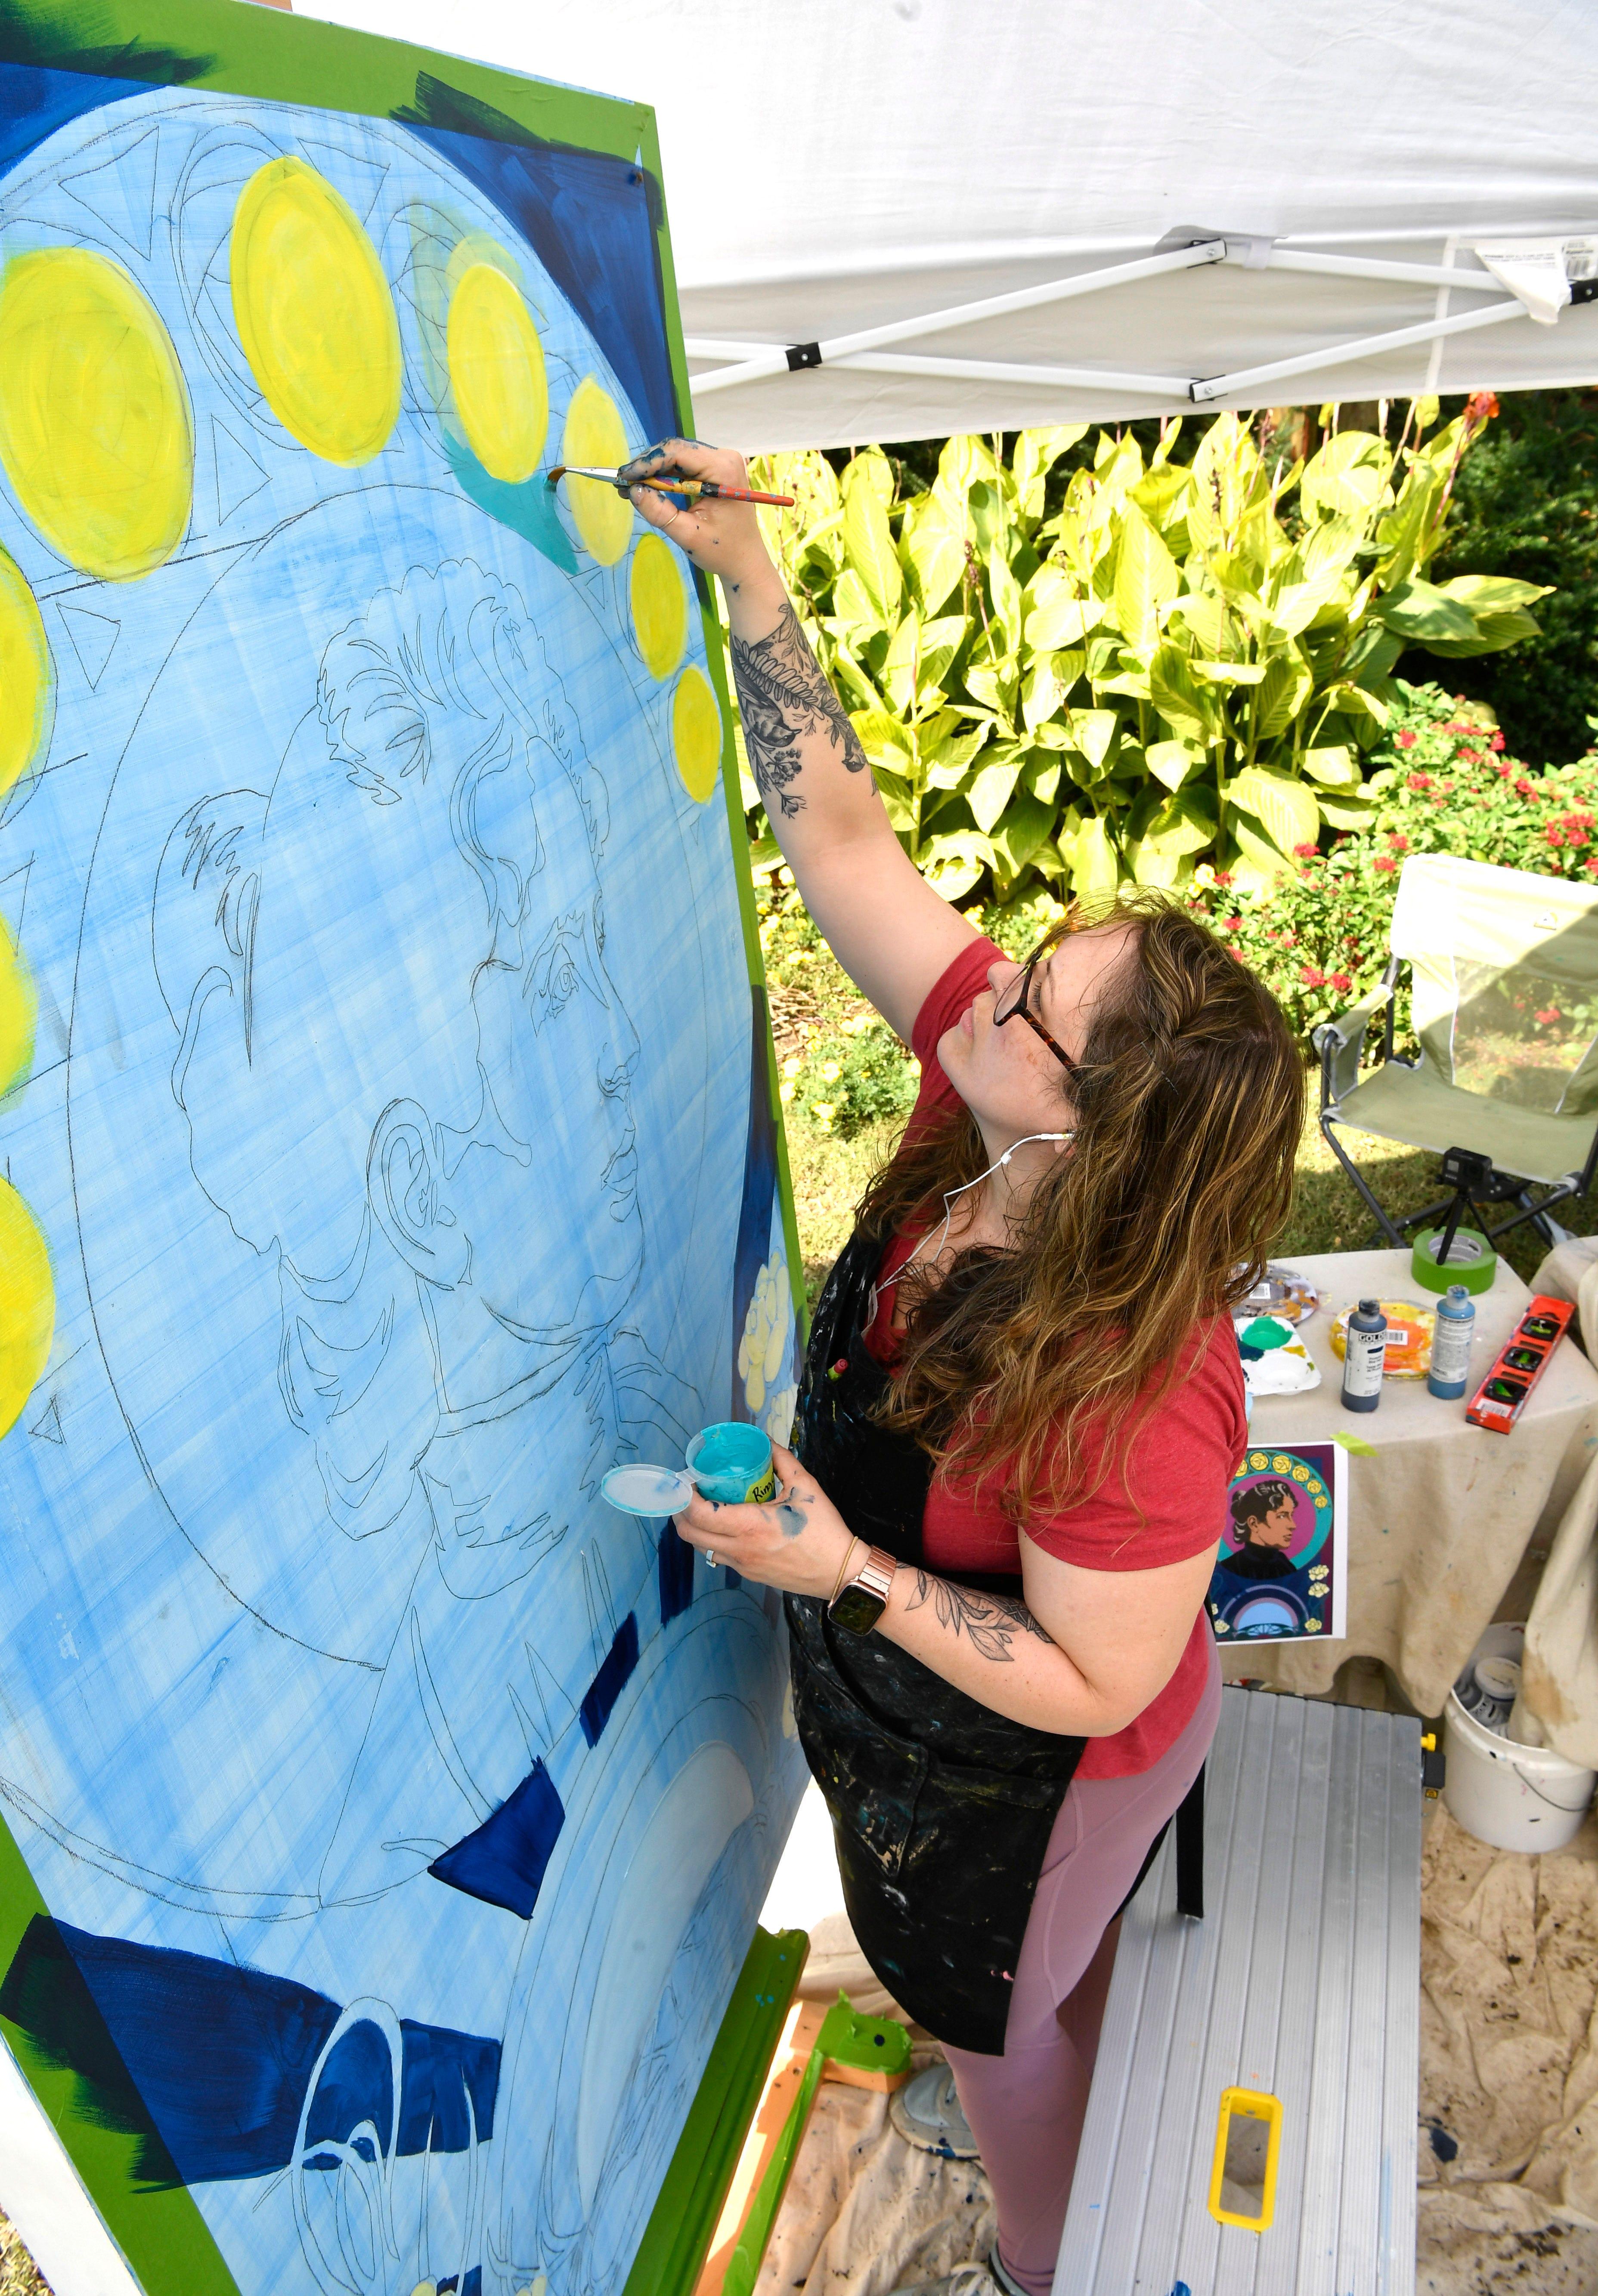 Artist Paints Woman S Suffrage Mural In Centennial Park S Sunken Gardens